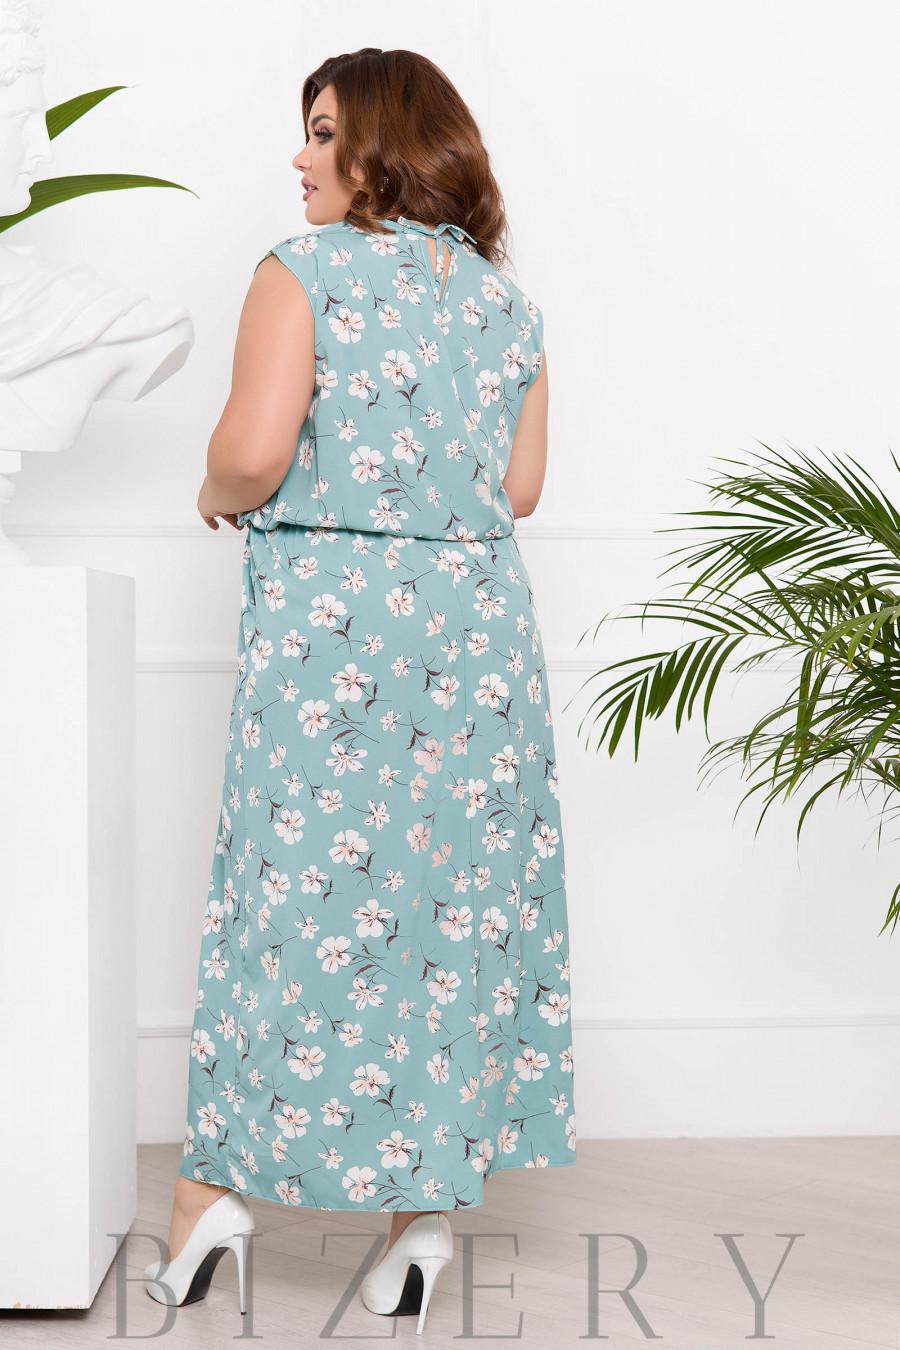 Летний сарафан в цветочный принт светлый серо-ментоловый цвет В926